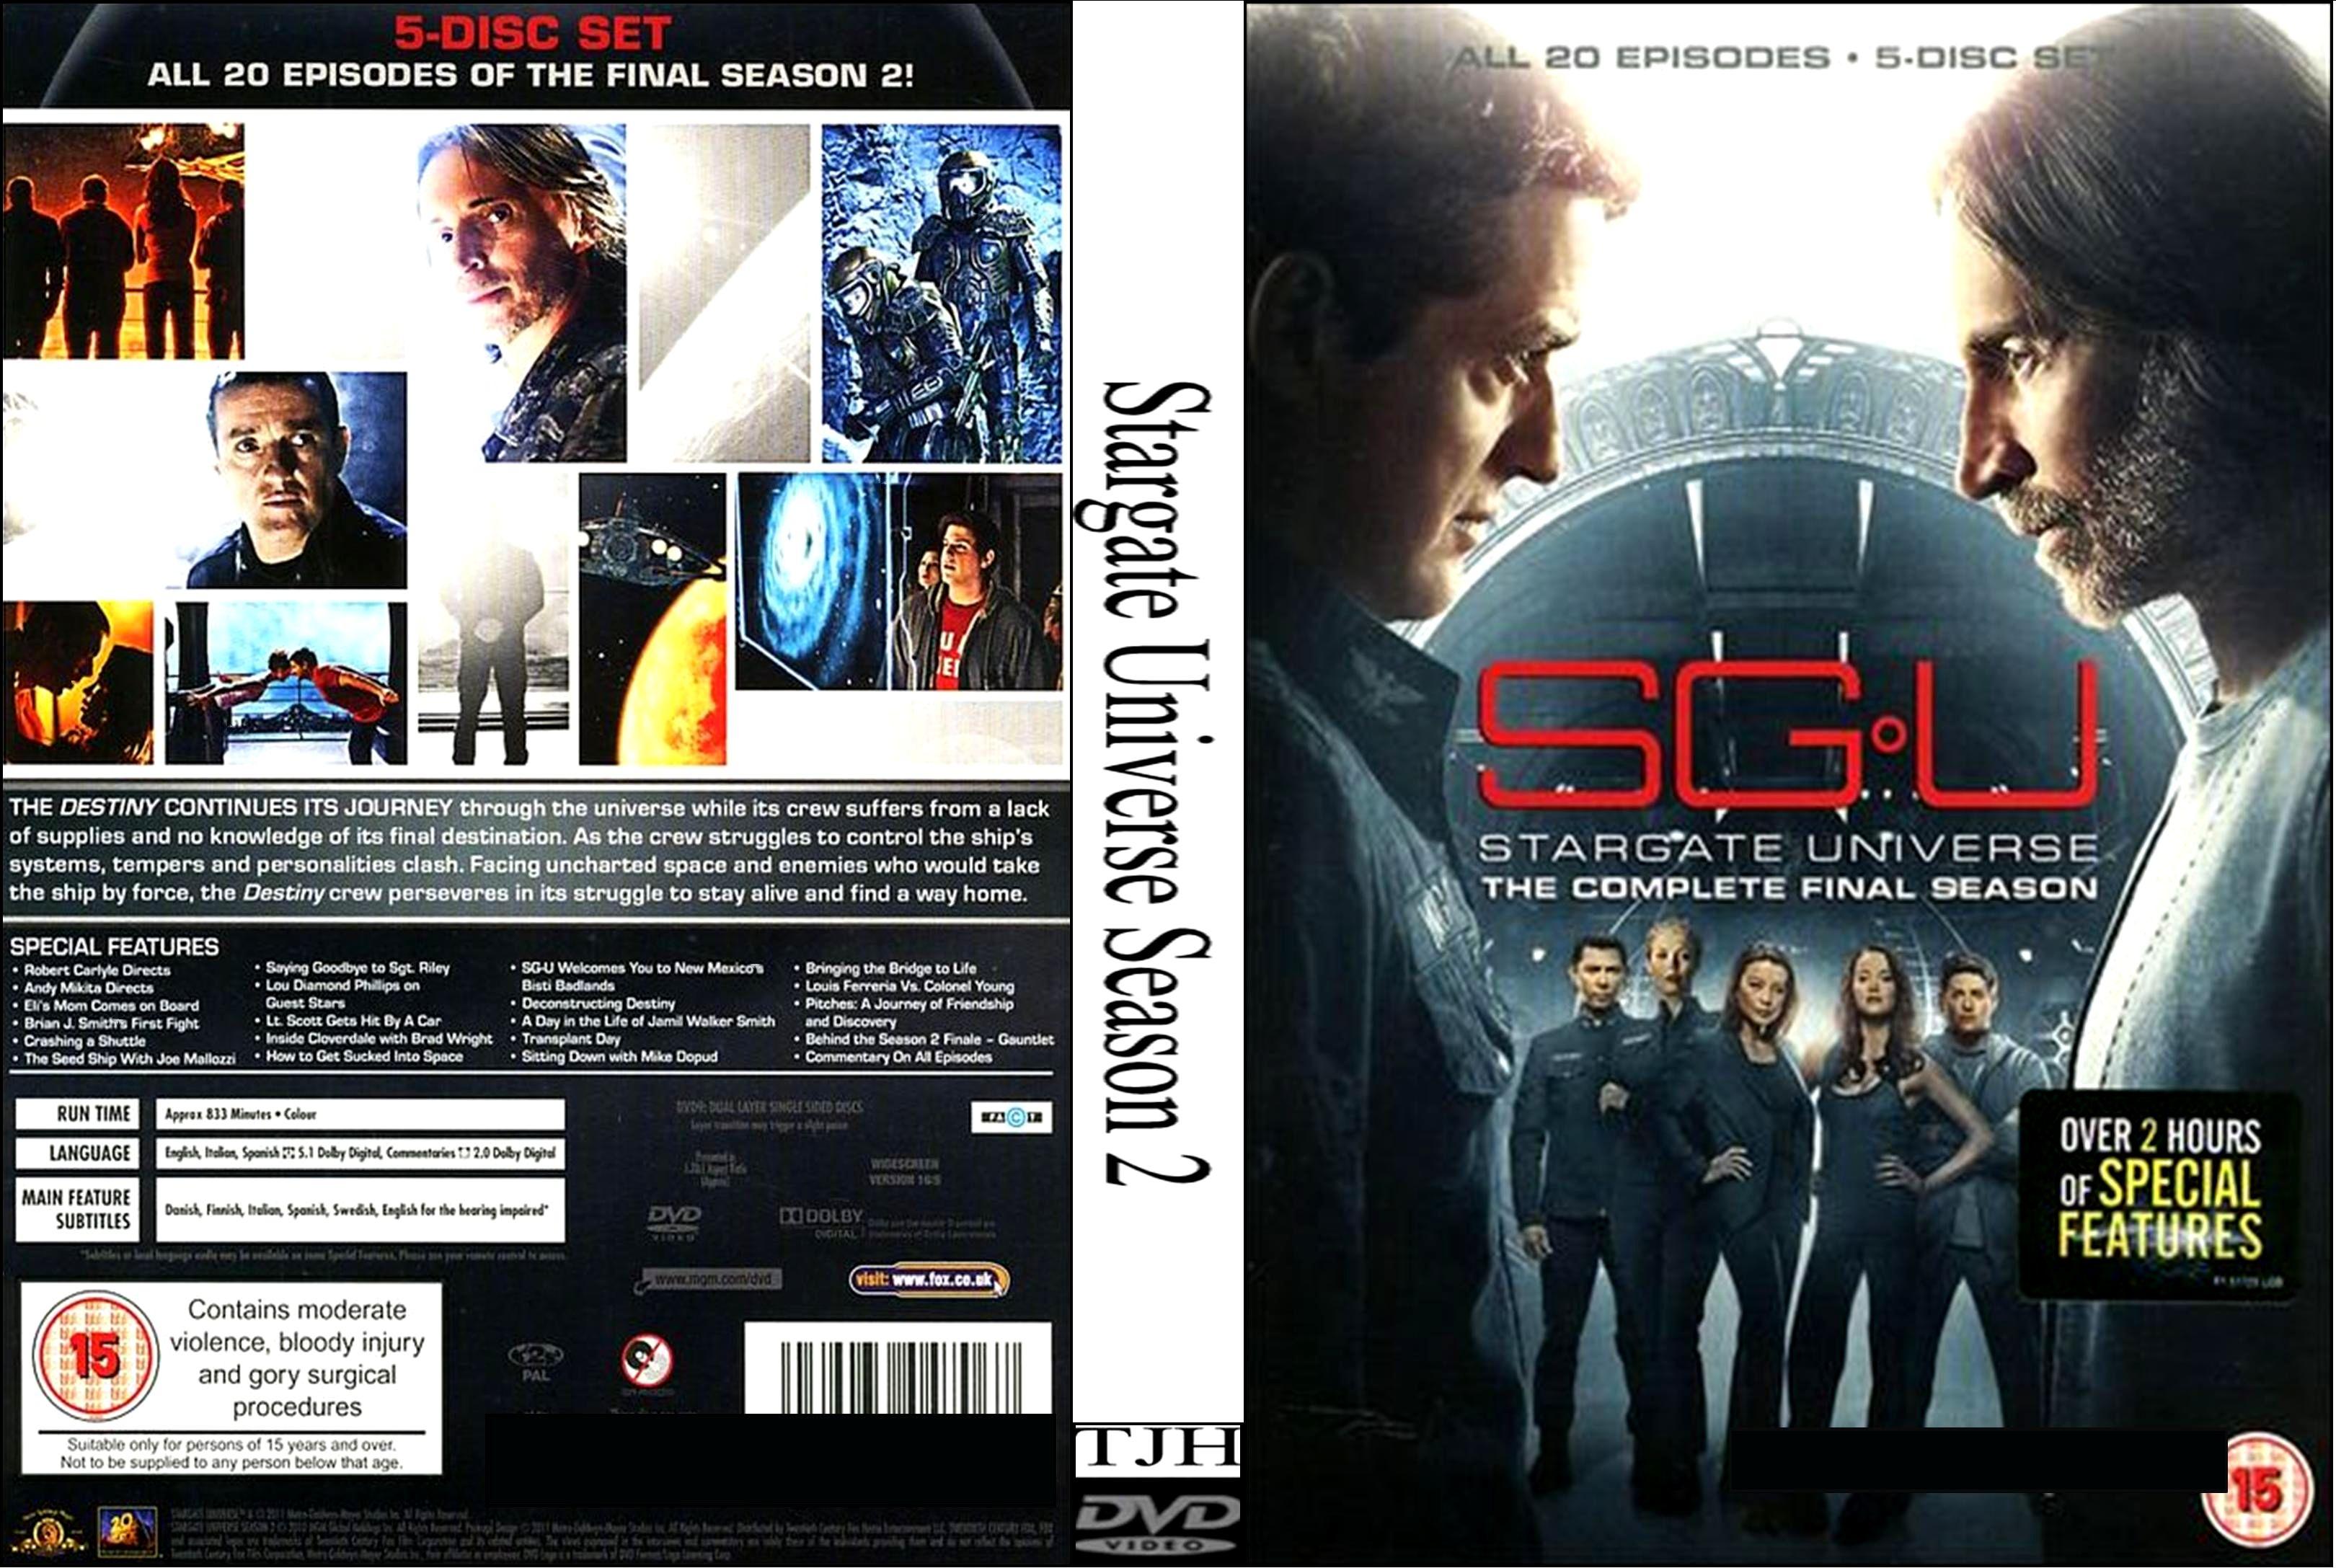 Xem Phim Cánh Cổng Vũ Trụ Phần 2 - Sgu Stargate Universe Season 2 - Wallpaper Full HD - Hình nền lớn